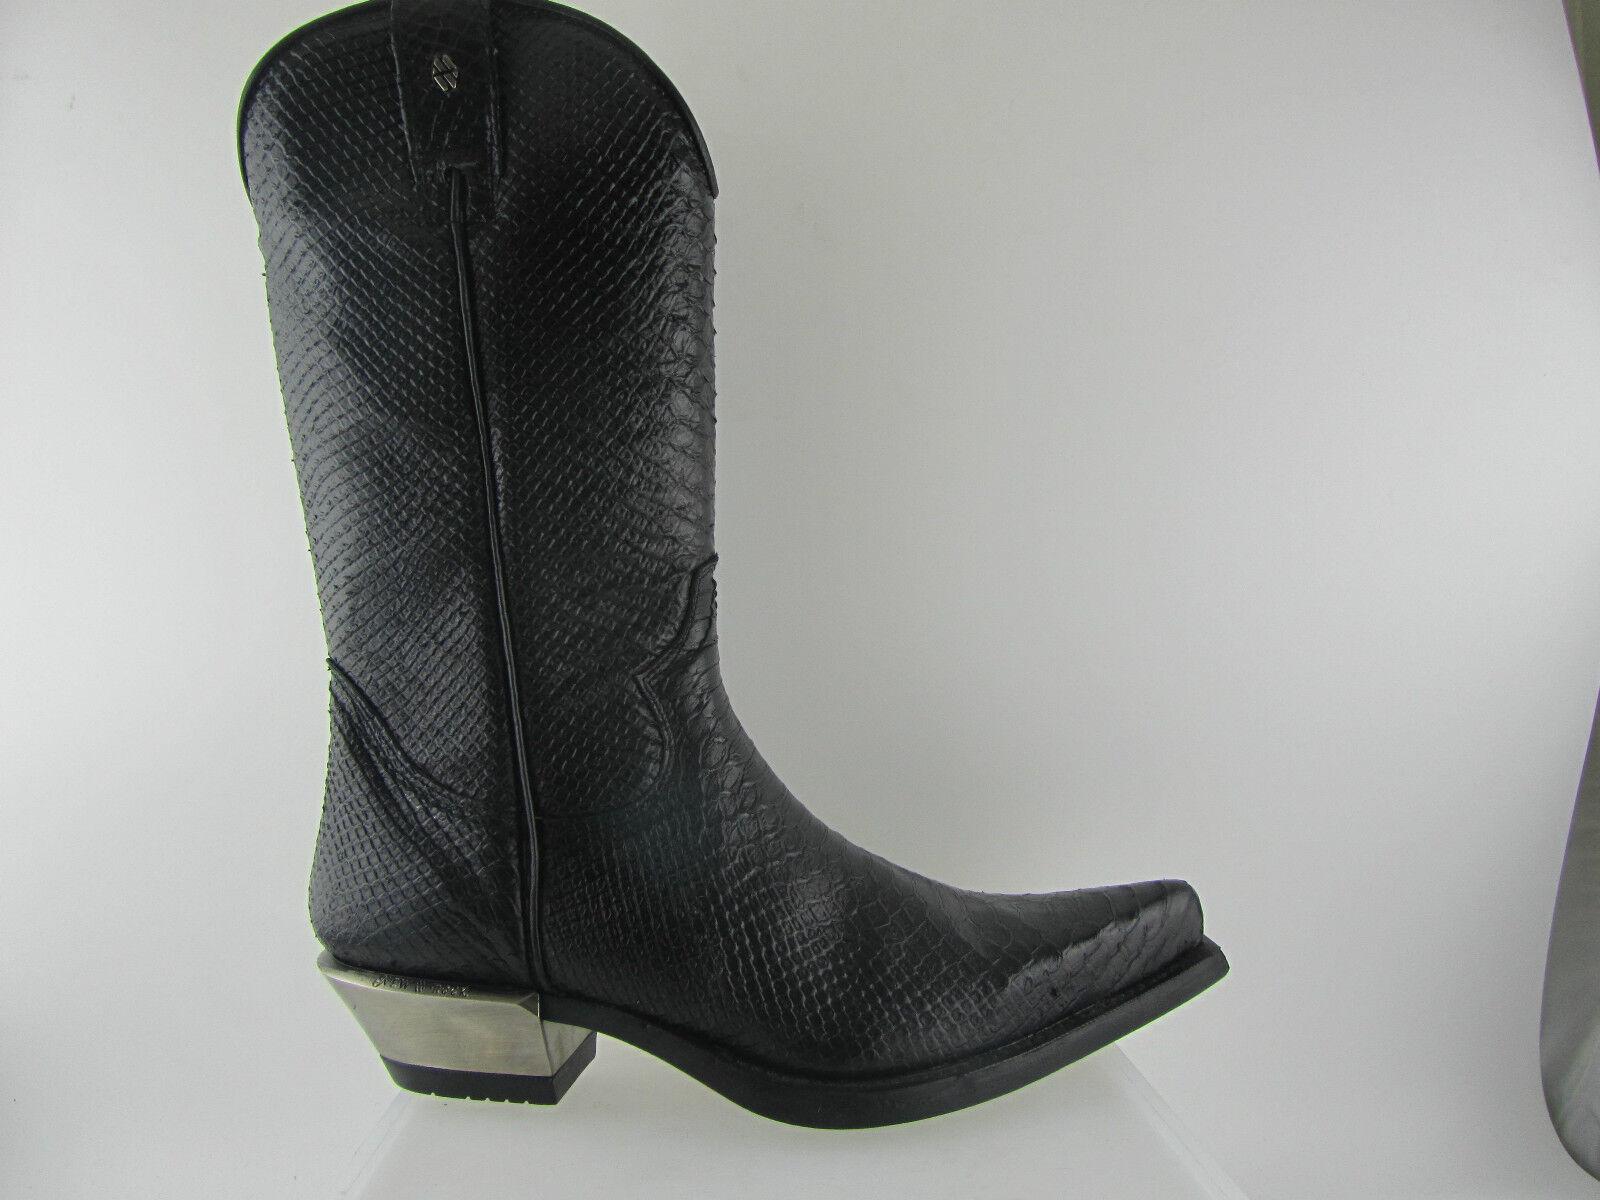 Newrock New Rock 7800 Negro botas De Hombre De Cuero Estampado Serpiente Metálico Hel